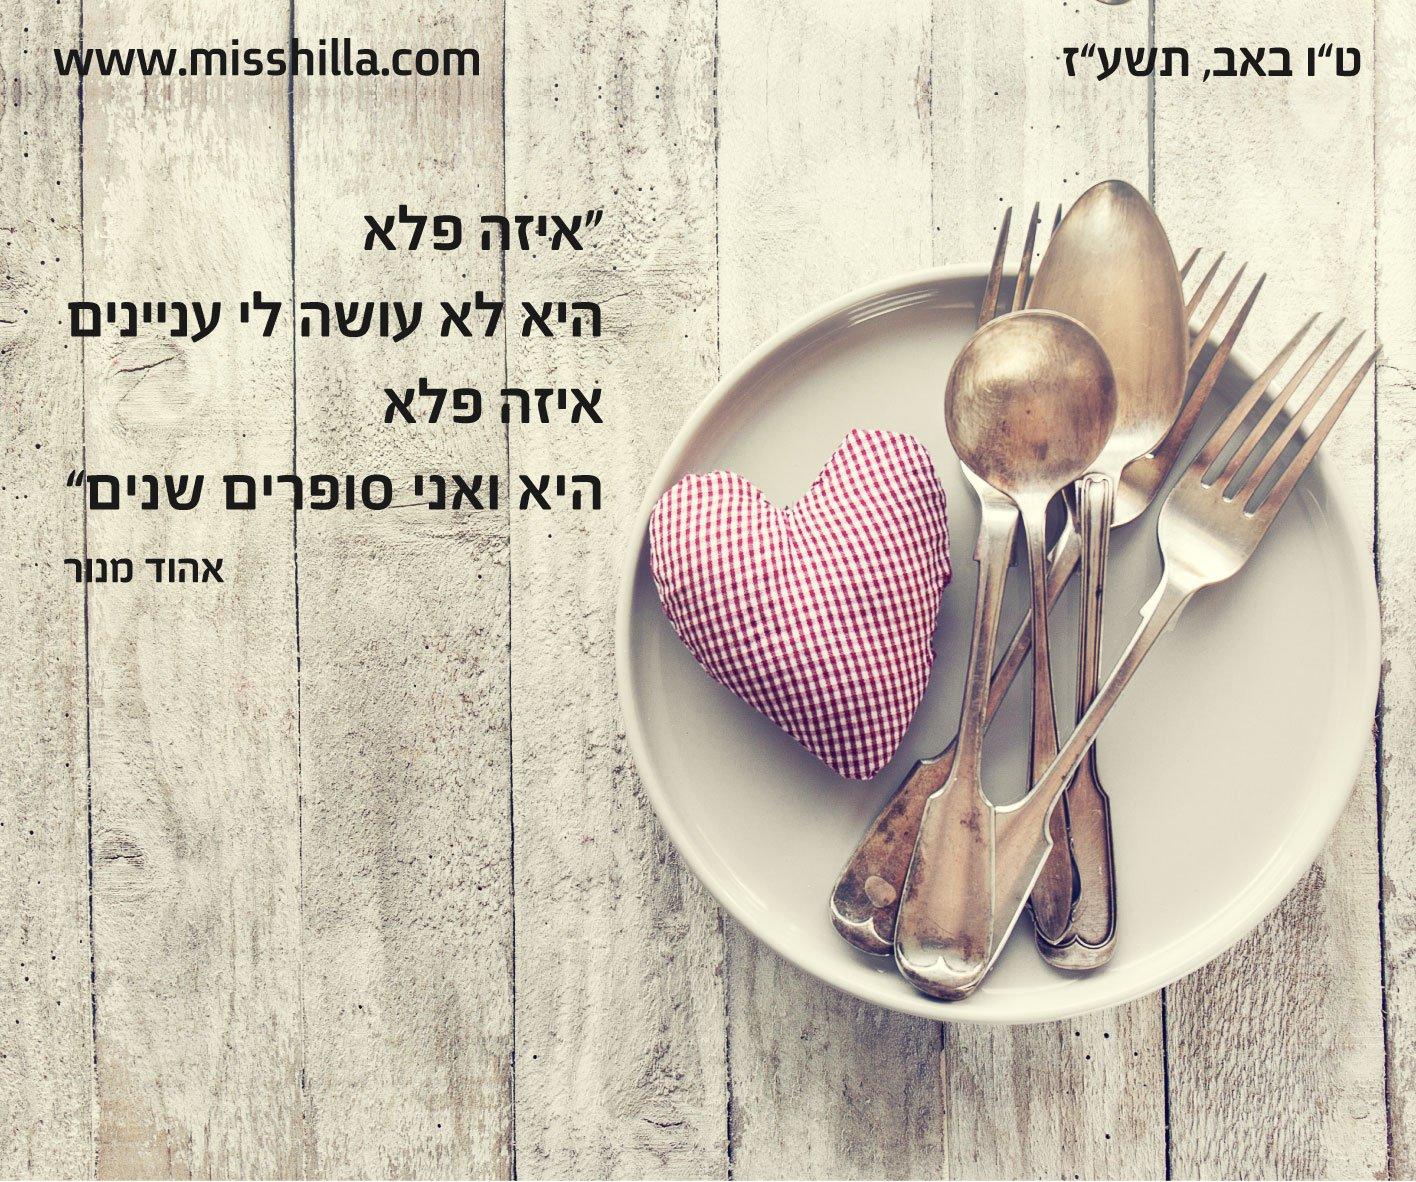 """ברכה מעוצבת לט""""ו באב סכו""""ם כסף ליד בובת לב מונחים על שולחן עץ עם שיר אהבה כתוב ליד"""